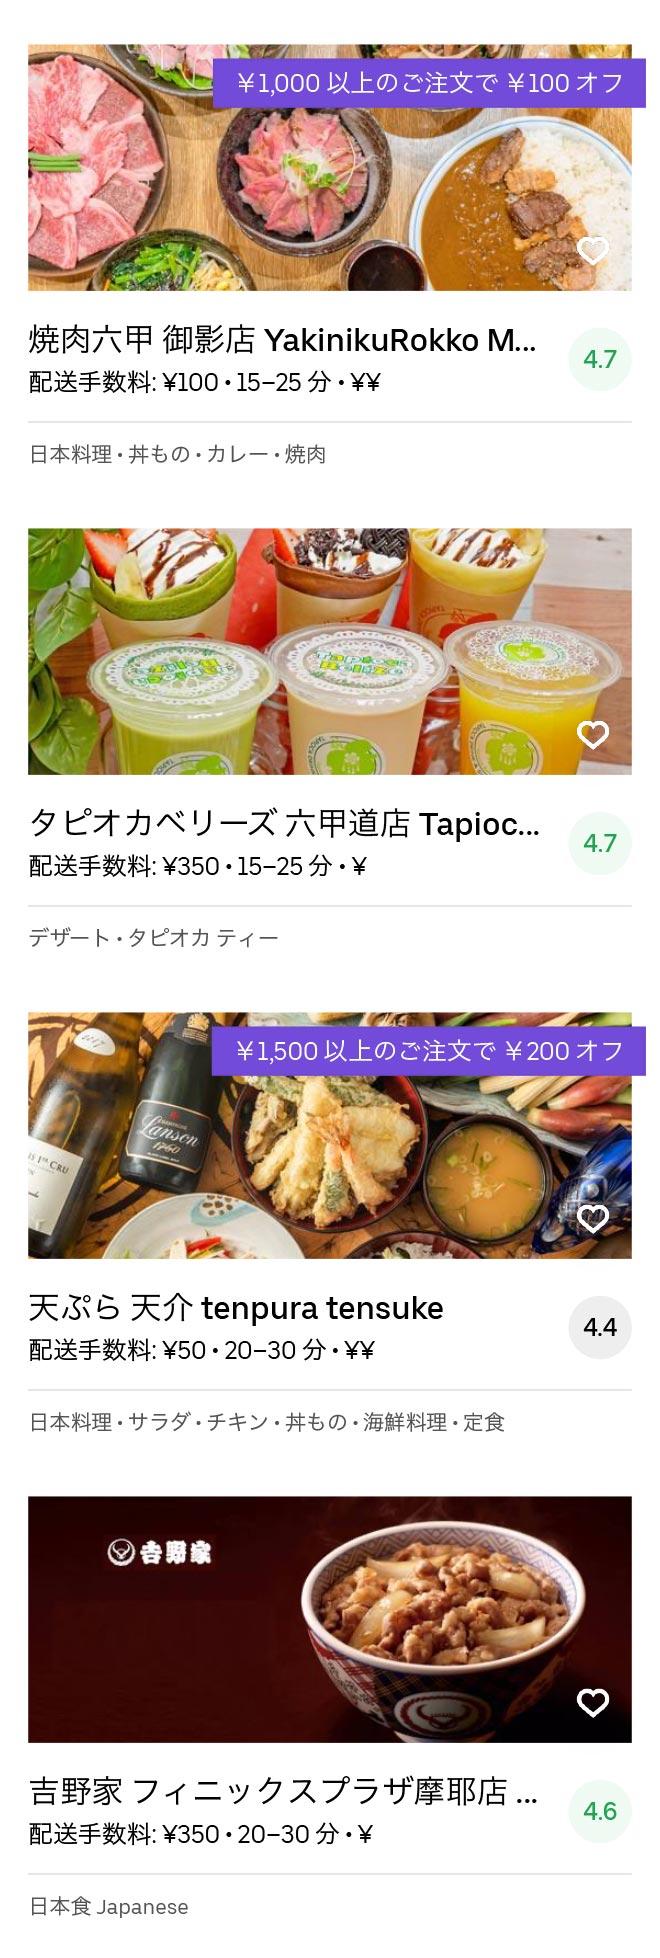 Kobe sumiyoshi menu 2005 08